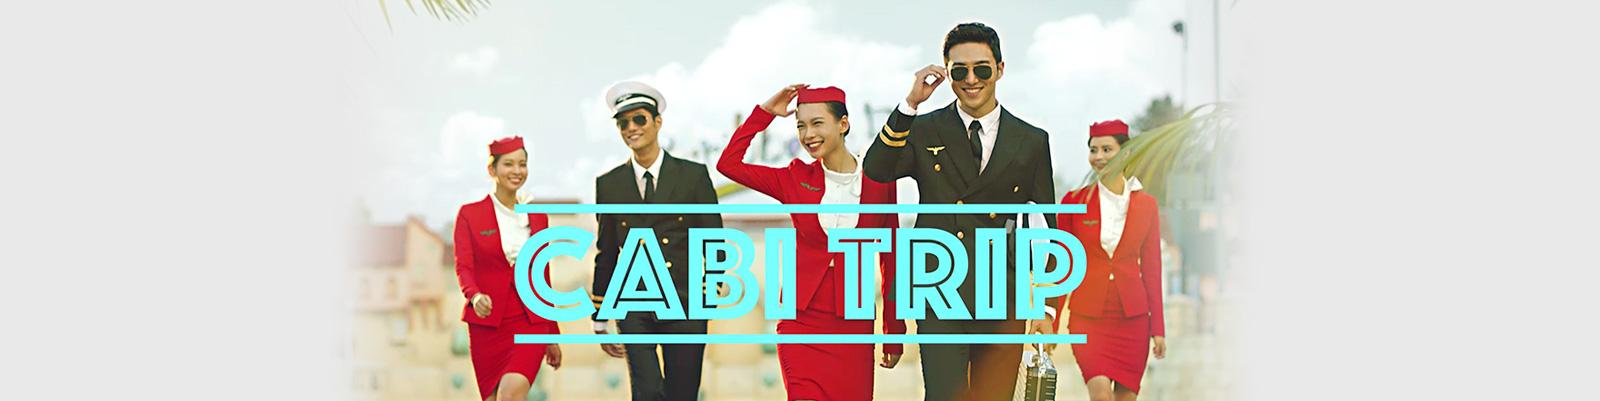 CABI TRIP